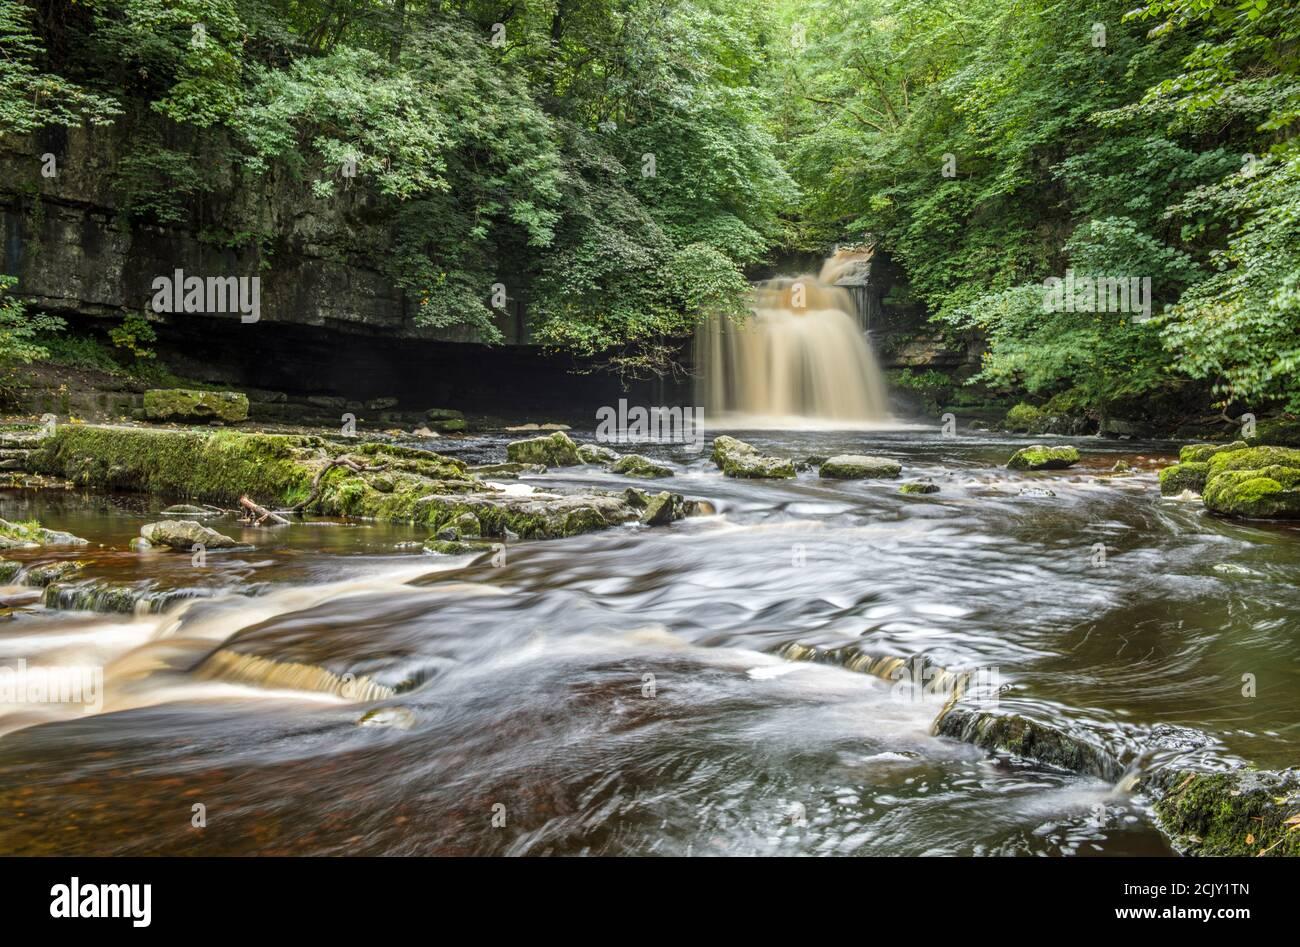 La cascada en West Burton en Bishopdale, cerca de su ubicación a Wensleydale. Las cataratas también se conocen como Cascadas de Cauldron y Cascada de West Burton. Foto de stock